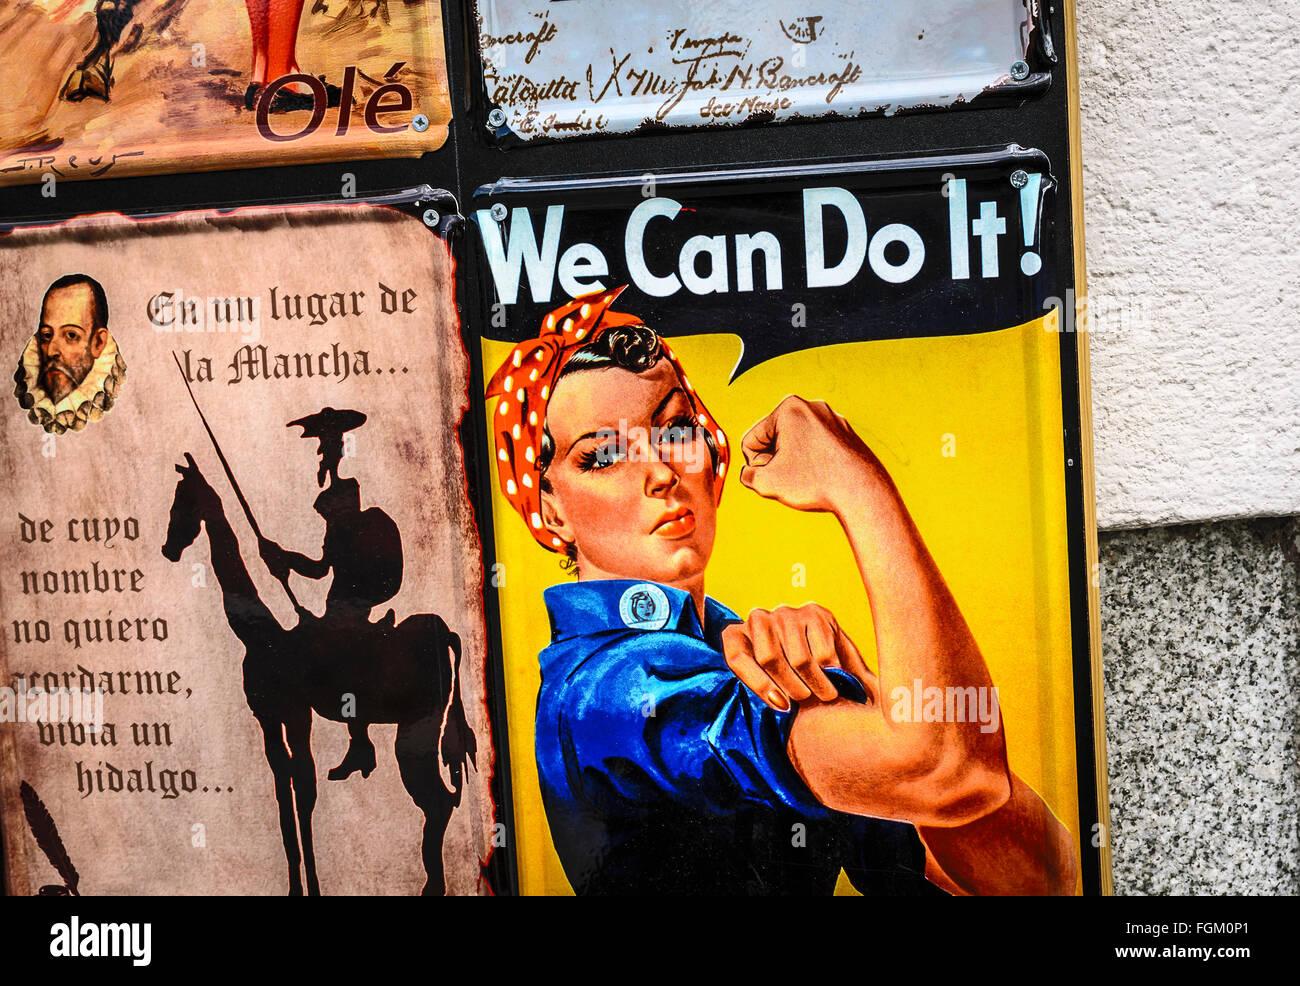 Un cartello metallico nella parete di una via centrale della città di Madrid, Spagna Immagini Stock